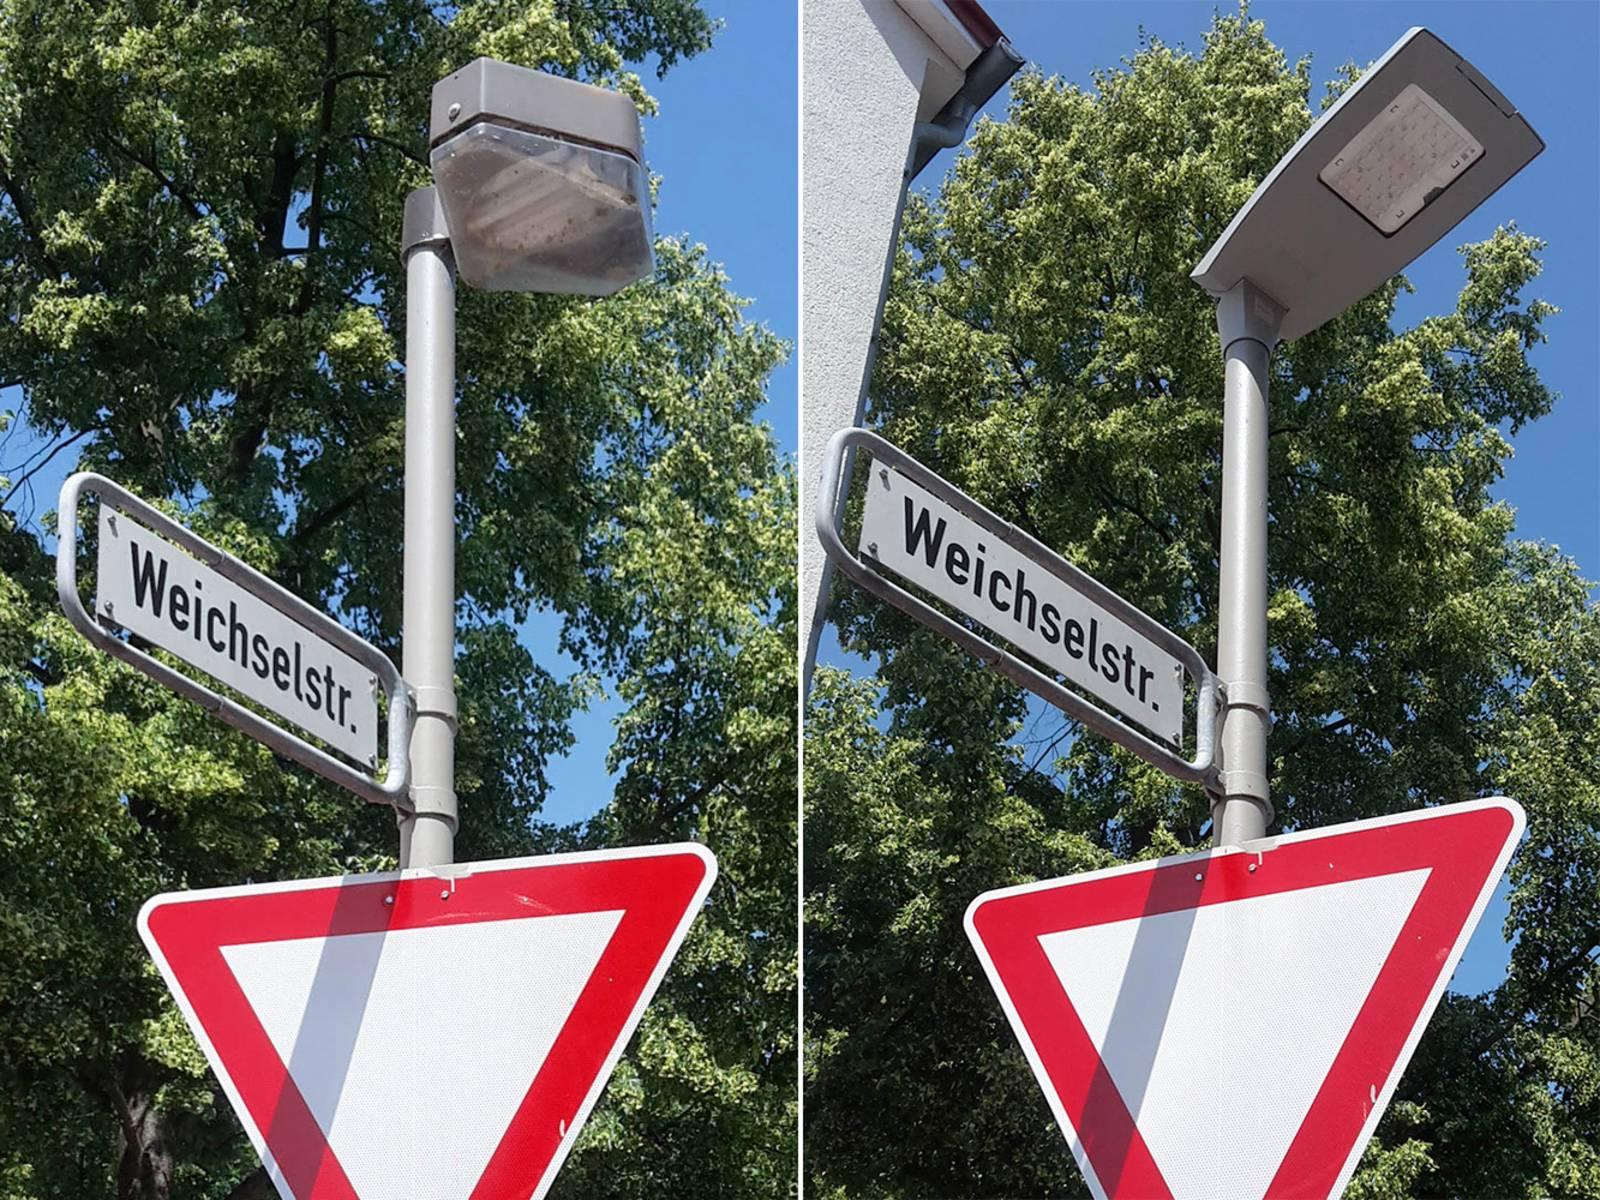 Die Straßenbeleuchtung in der Weichselstraße– vorher (links), nachher (rechts)